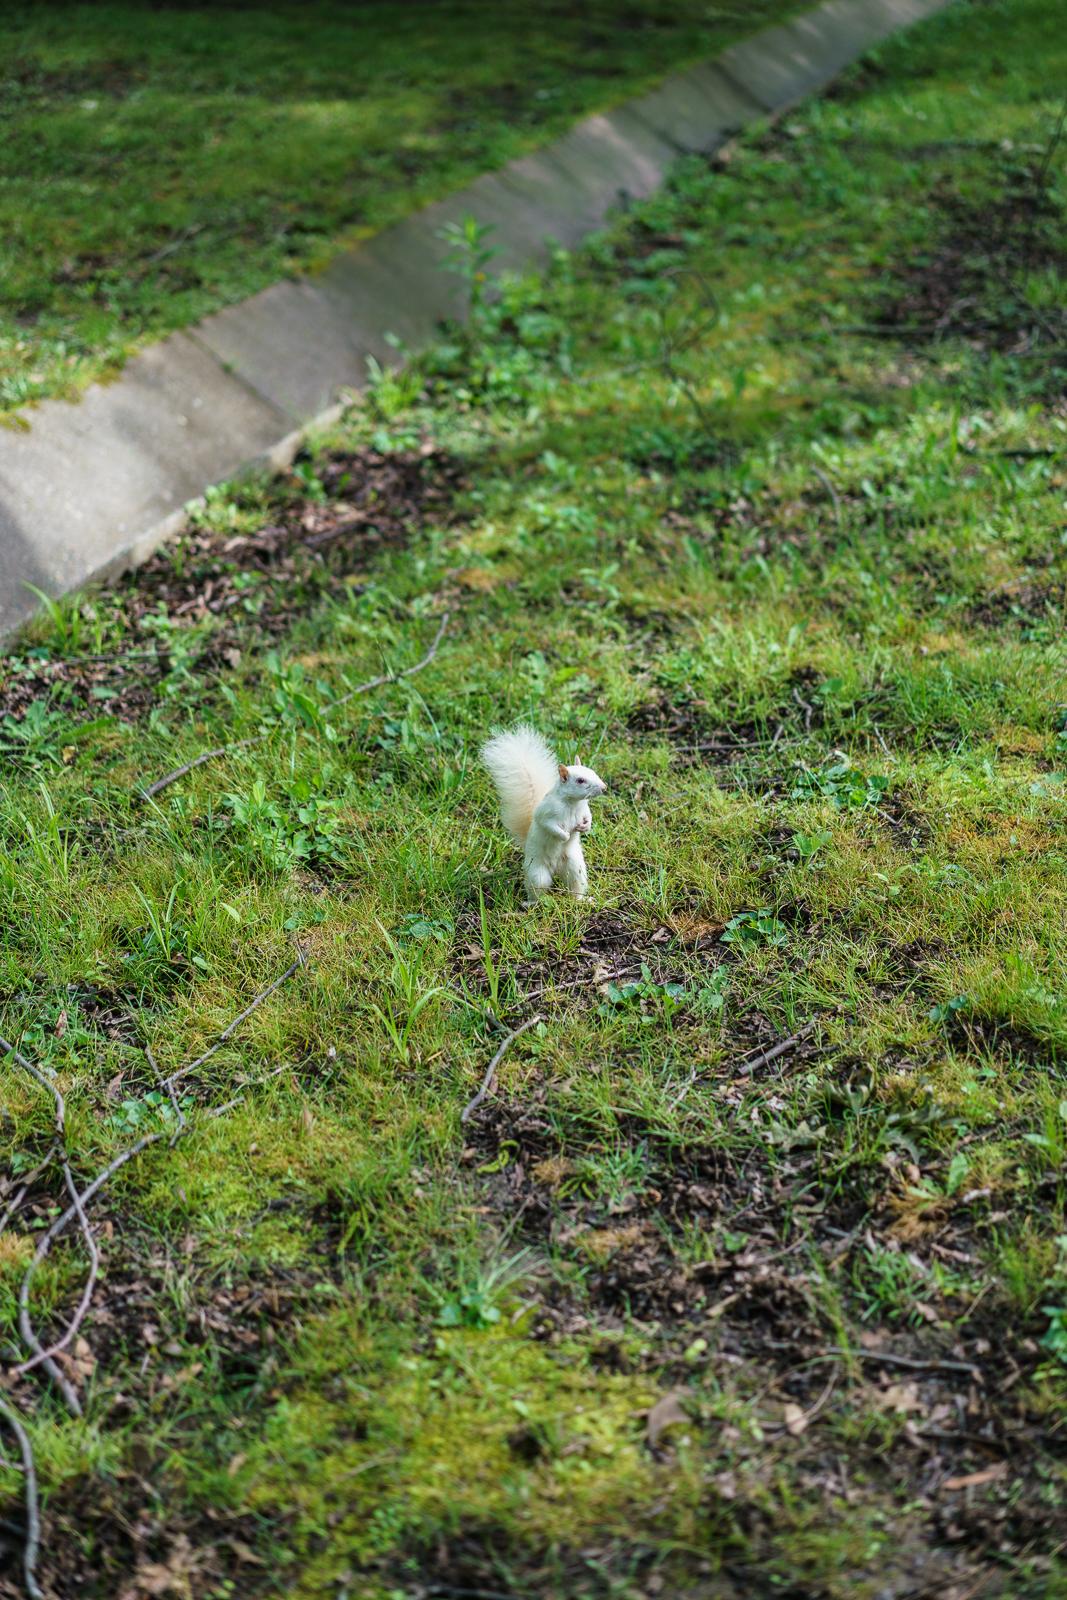 White Squirrel, Olney, Illinois, 2016 © Nate Larson